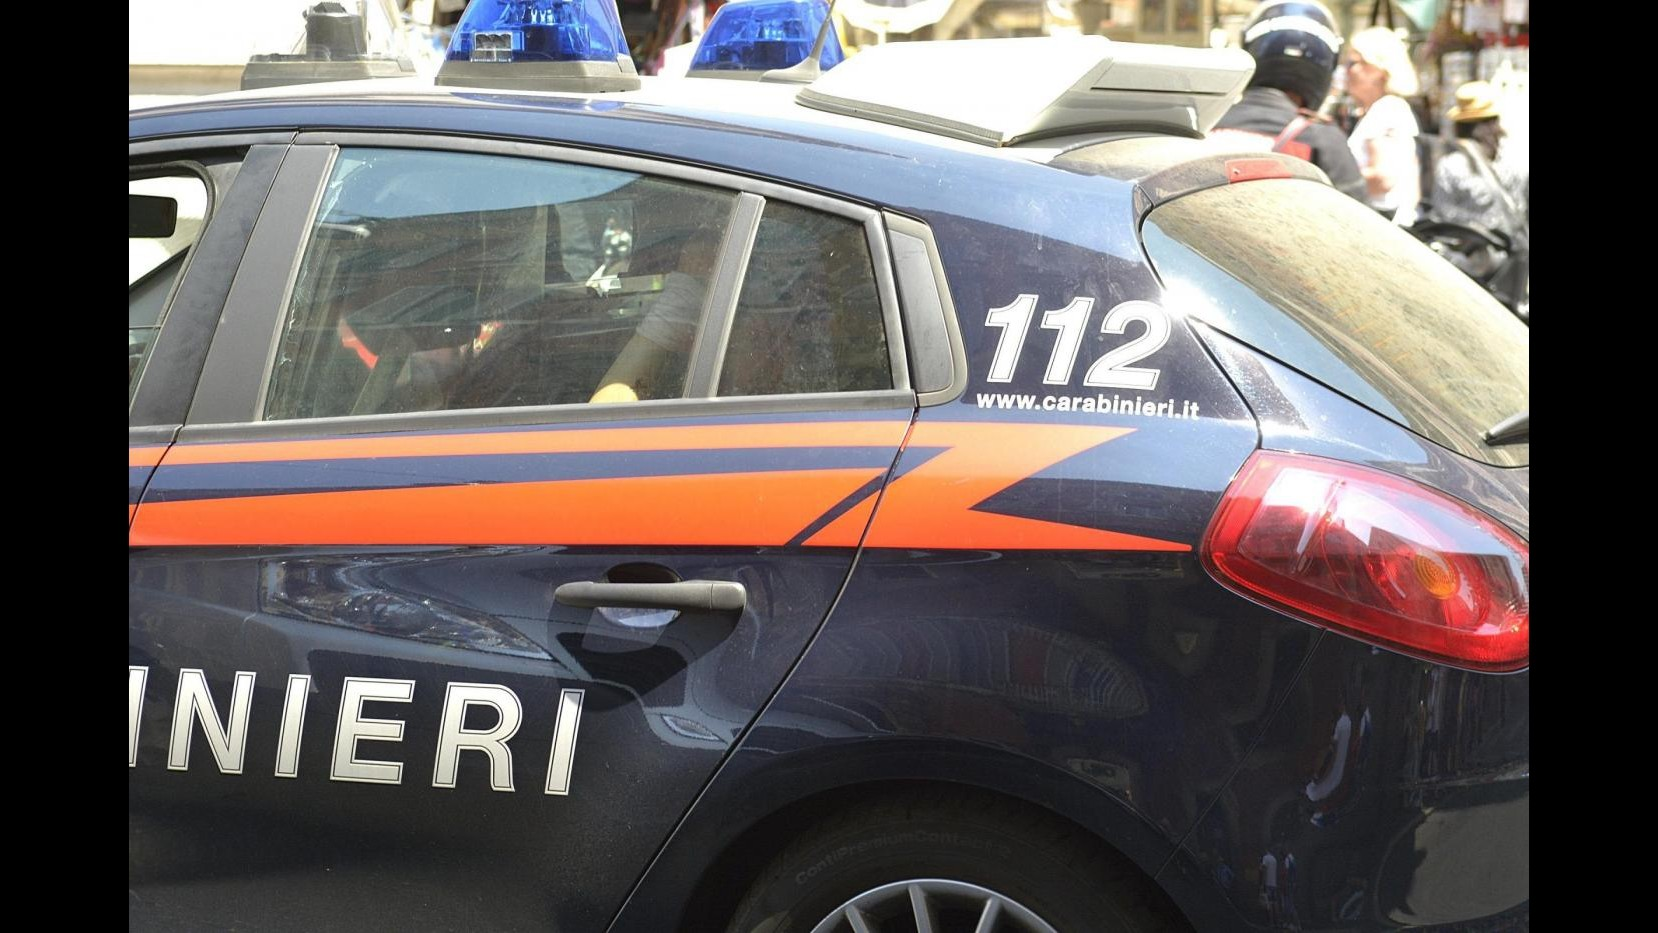 Milano, 35enne si rifiuta di pagare taxi: fermato